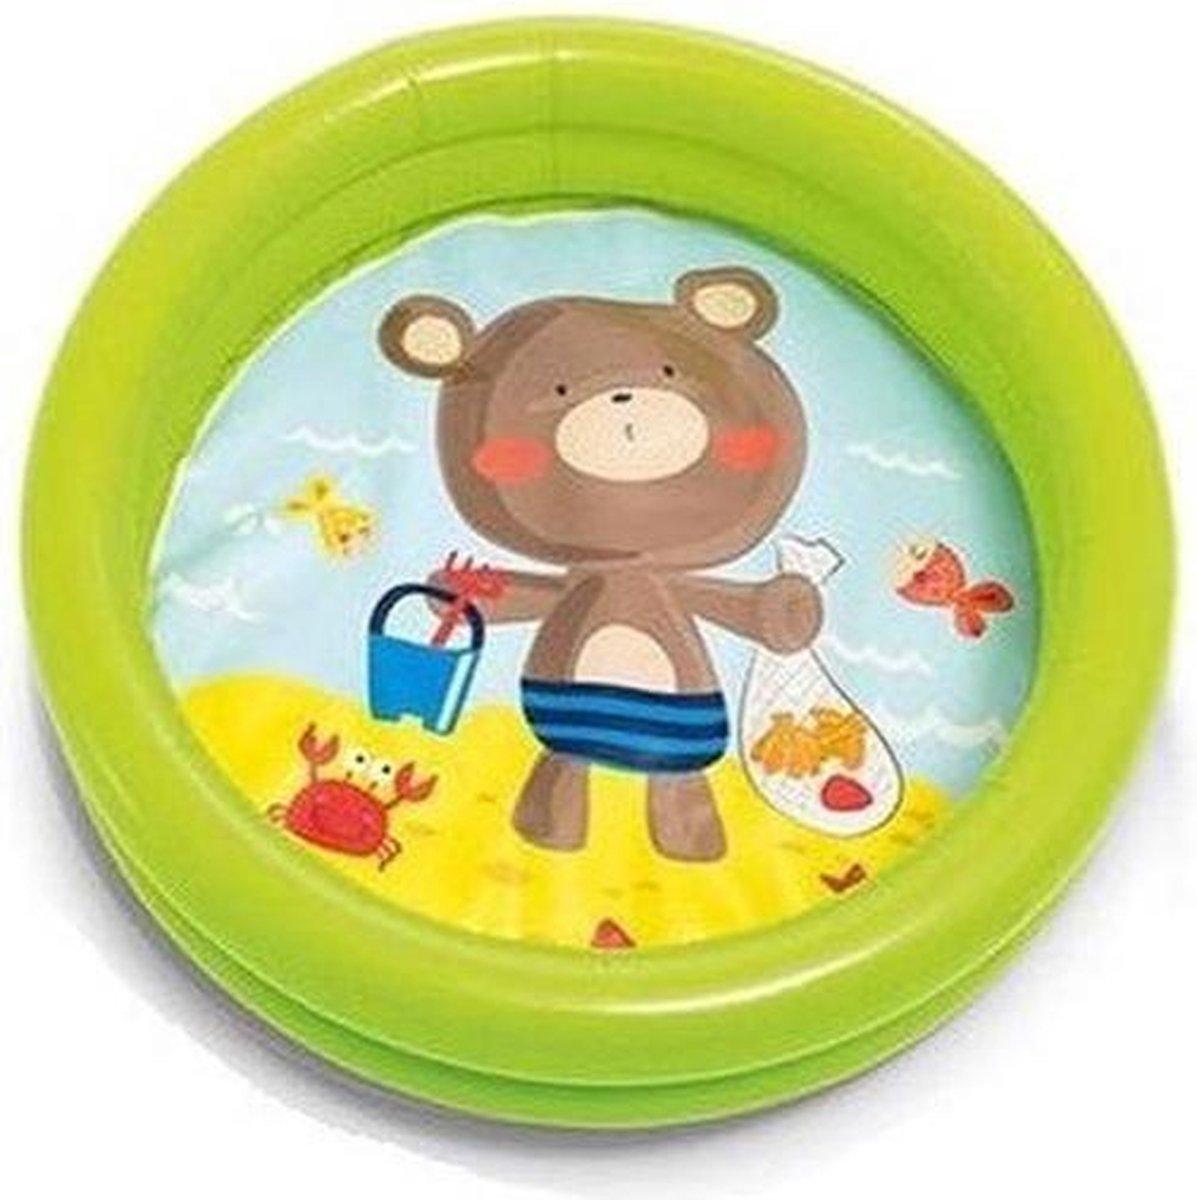 Intex babyzwembad groen 61 cm - Peuterbadje - Buitenspeelgoed - beertje